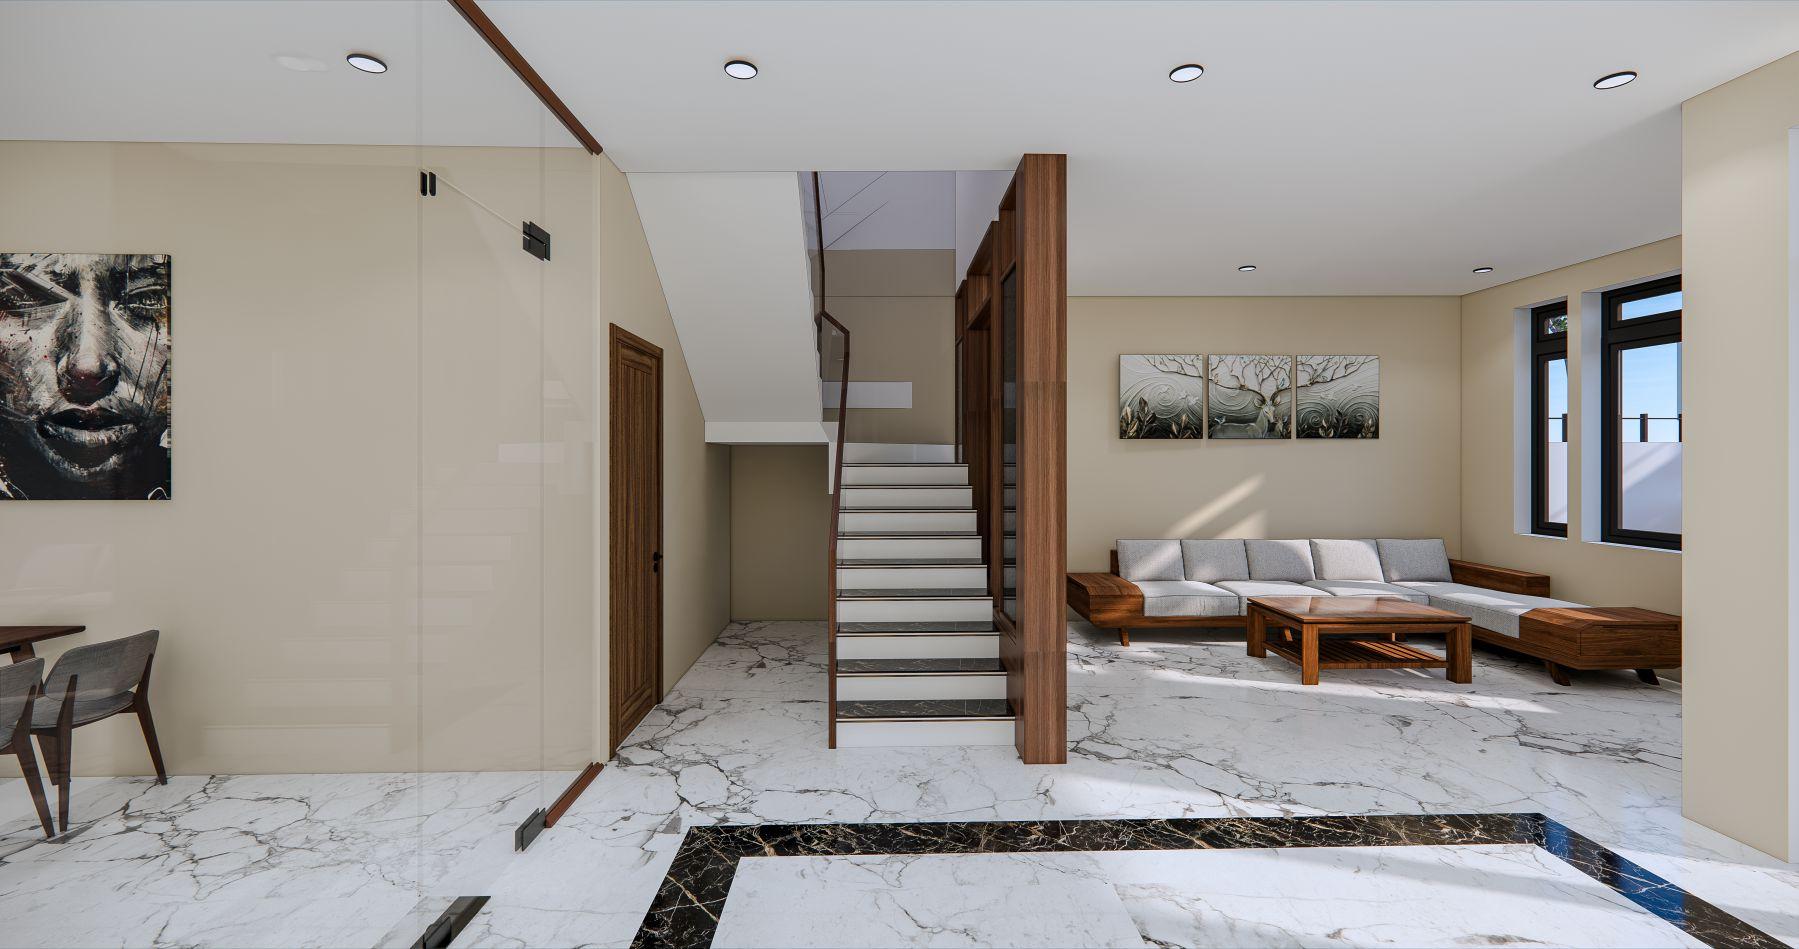 Thiết kế phối cảnh nội thất căn nhà mái thái, khu vực cầu thang và phòng khách